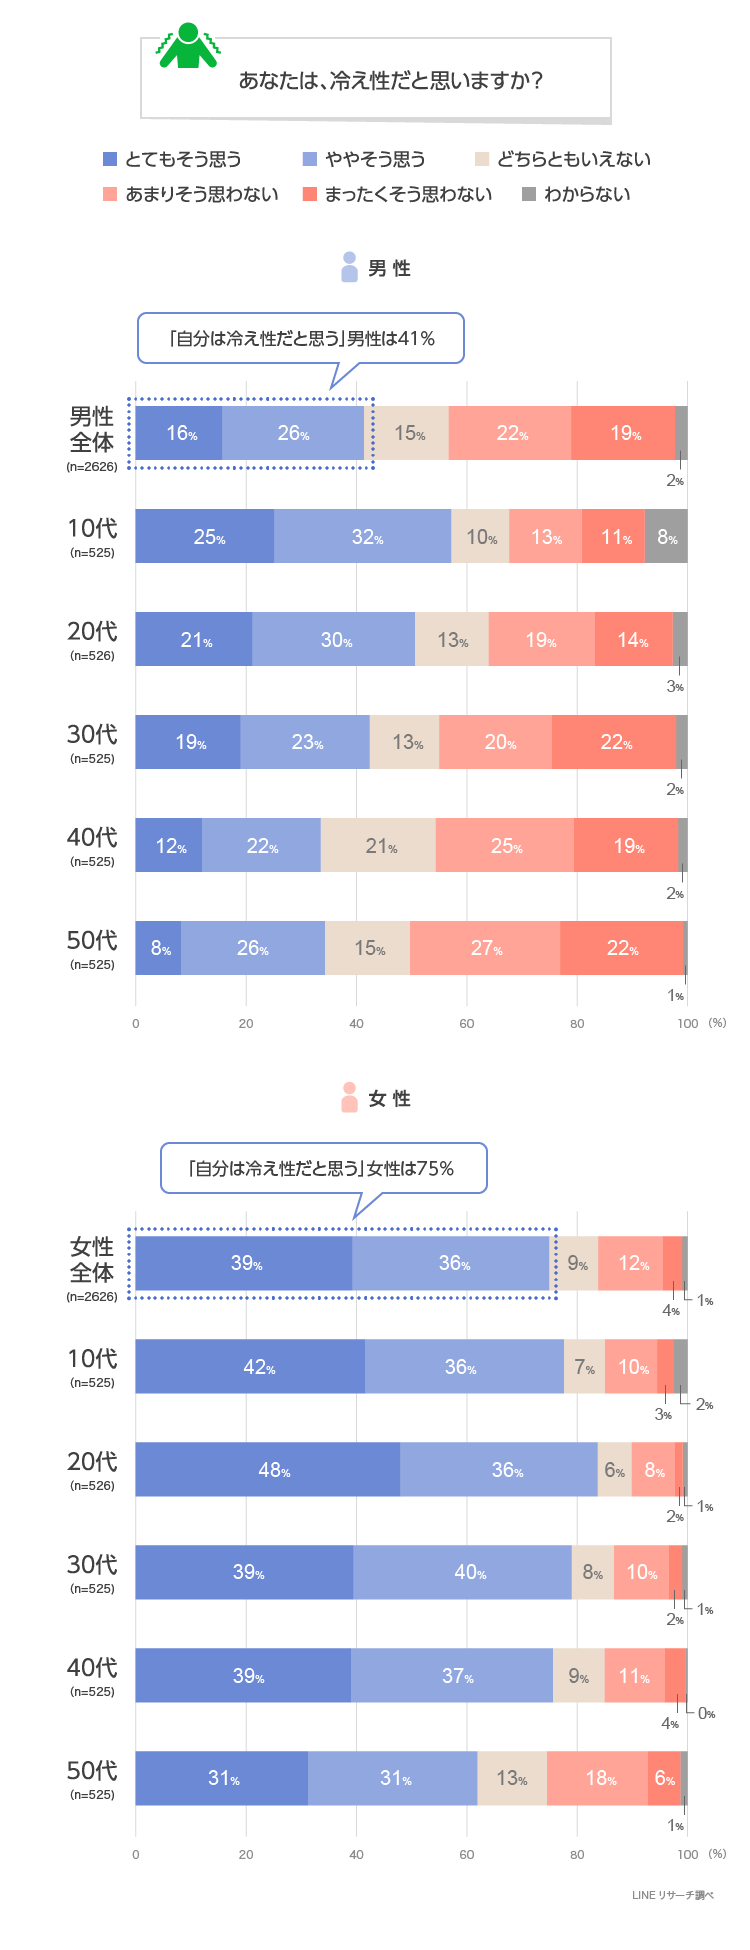 【LINEリサーチ】「冷え性を自覚している人」の割合は全体で約6割、男性は10代、女性は20代が最も高い結果に 冷え性対策は「靴下/レギンスをはく」が男女ともにトップにランクイン